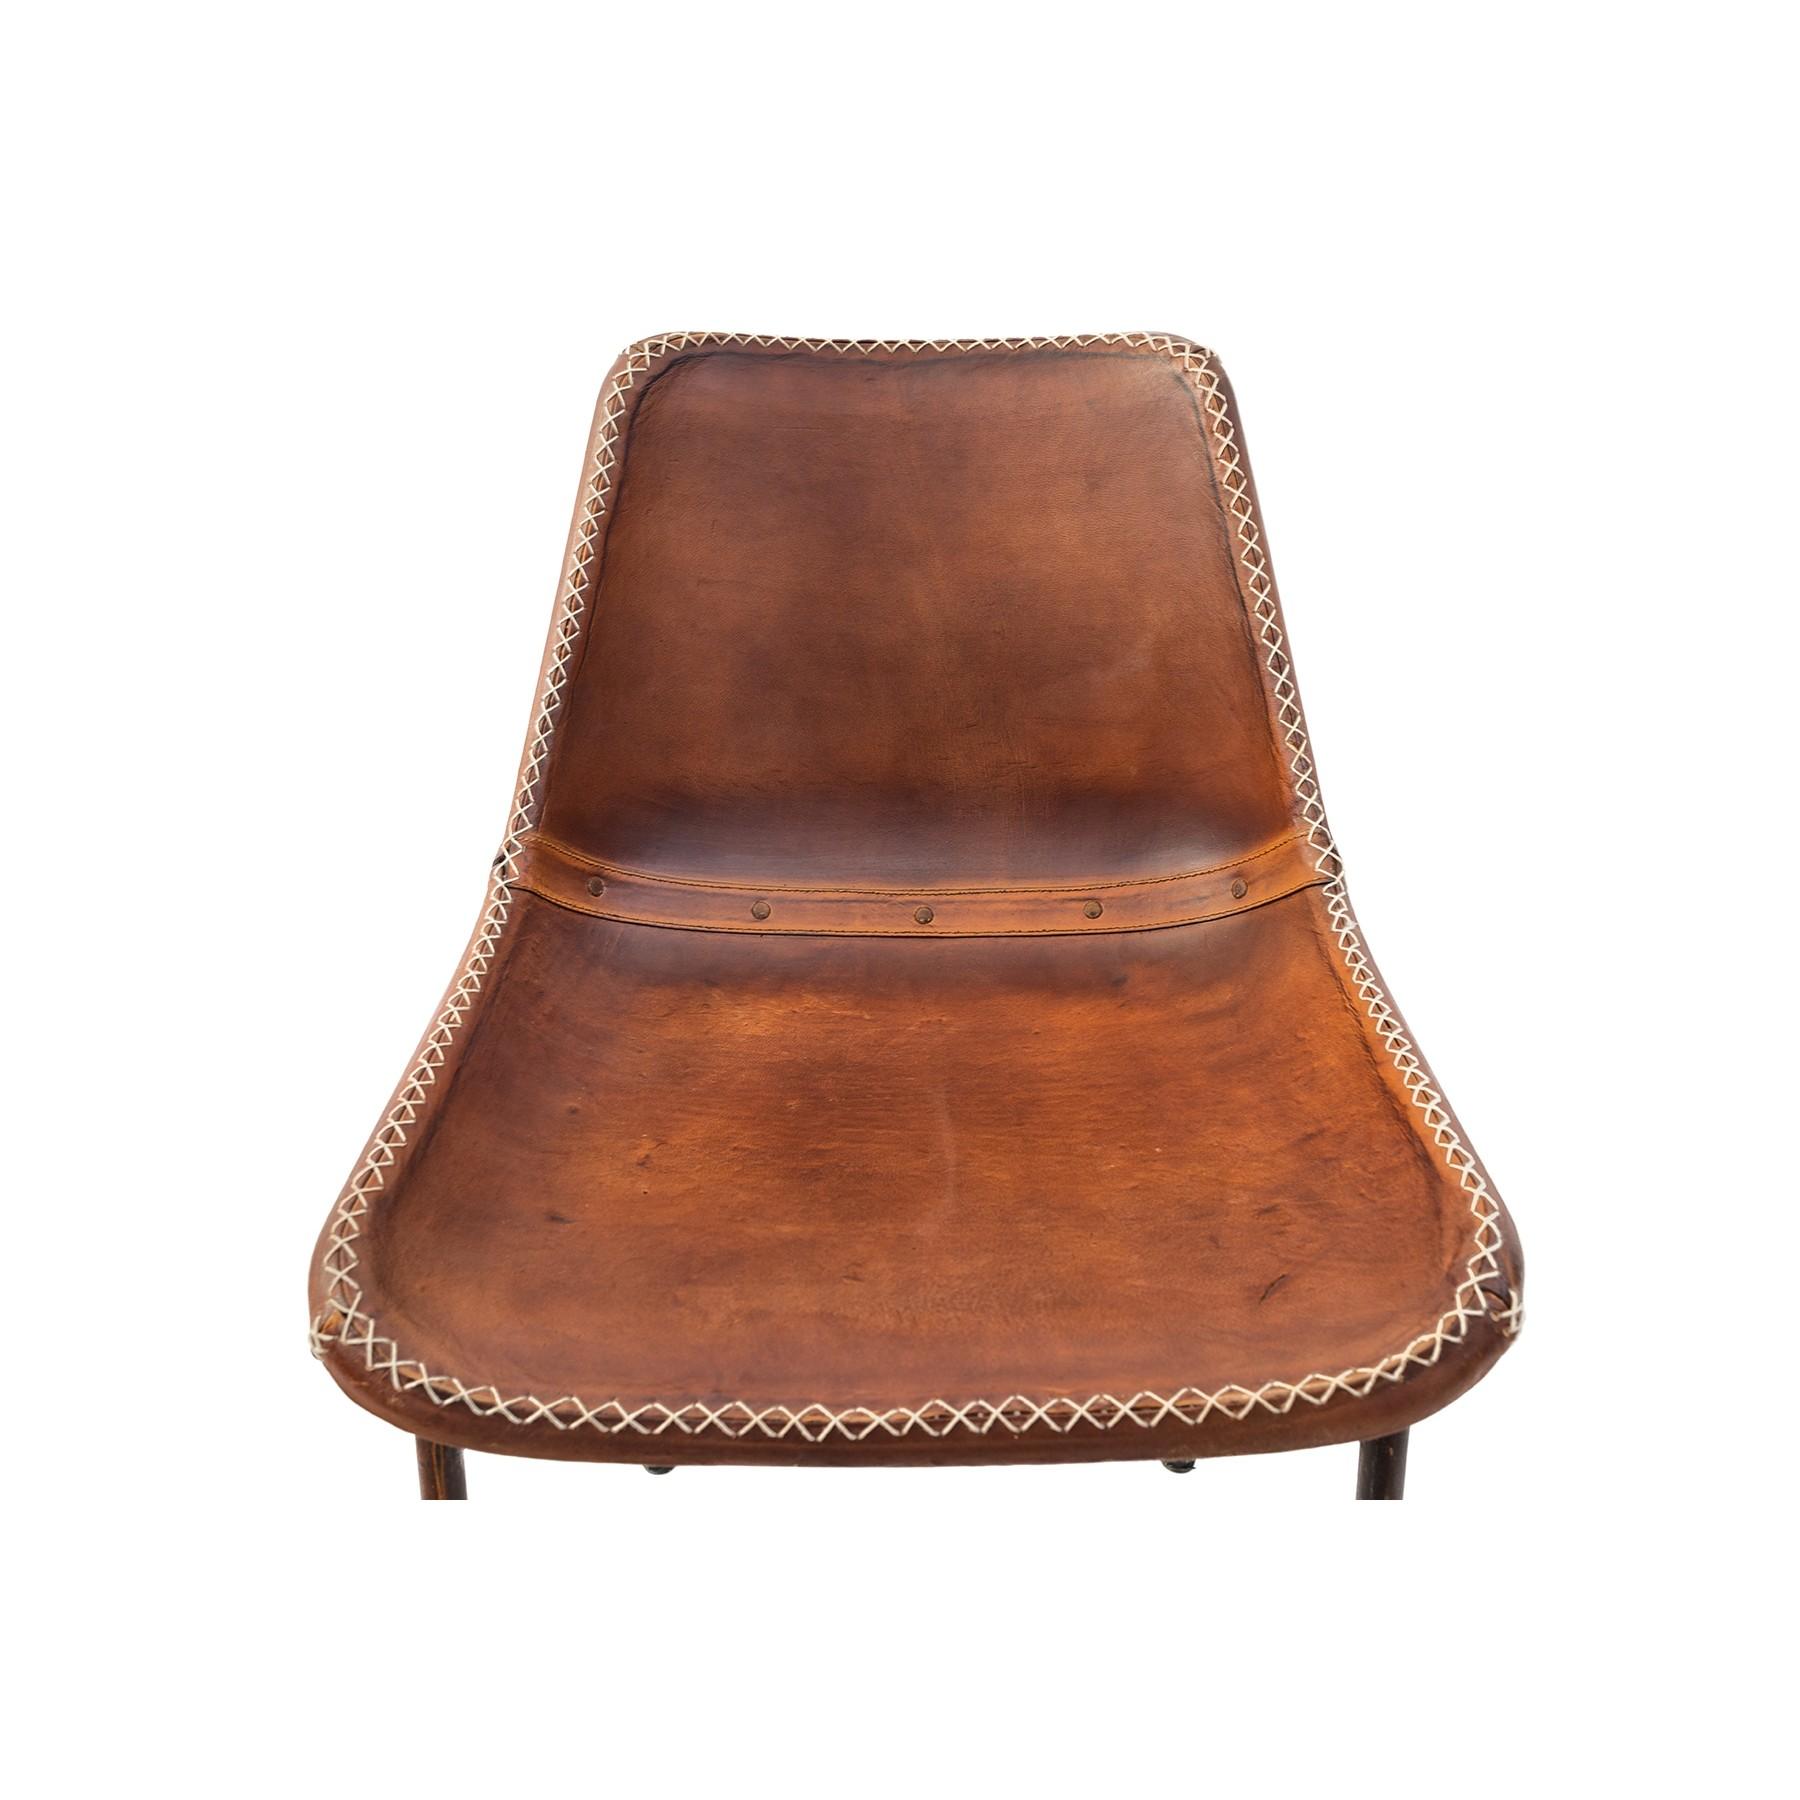 Pin silla de comedor gimlet mobles 114 ociohogarcom on for Sillas de cuero para comedor